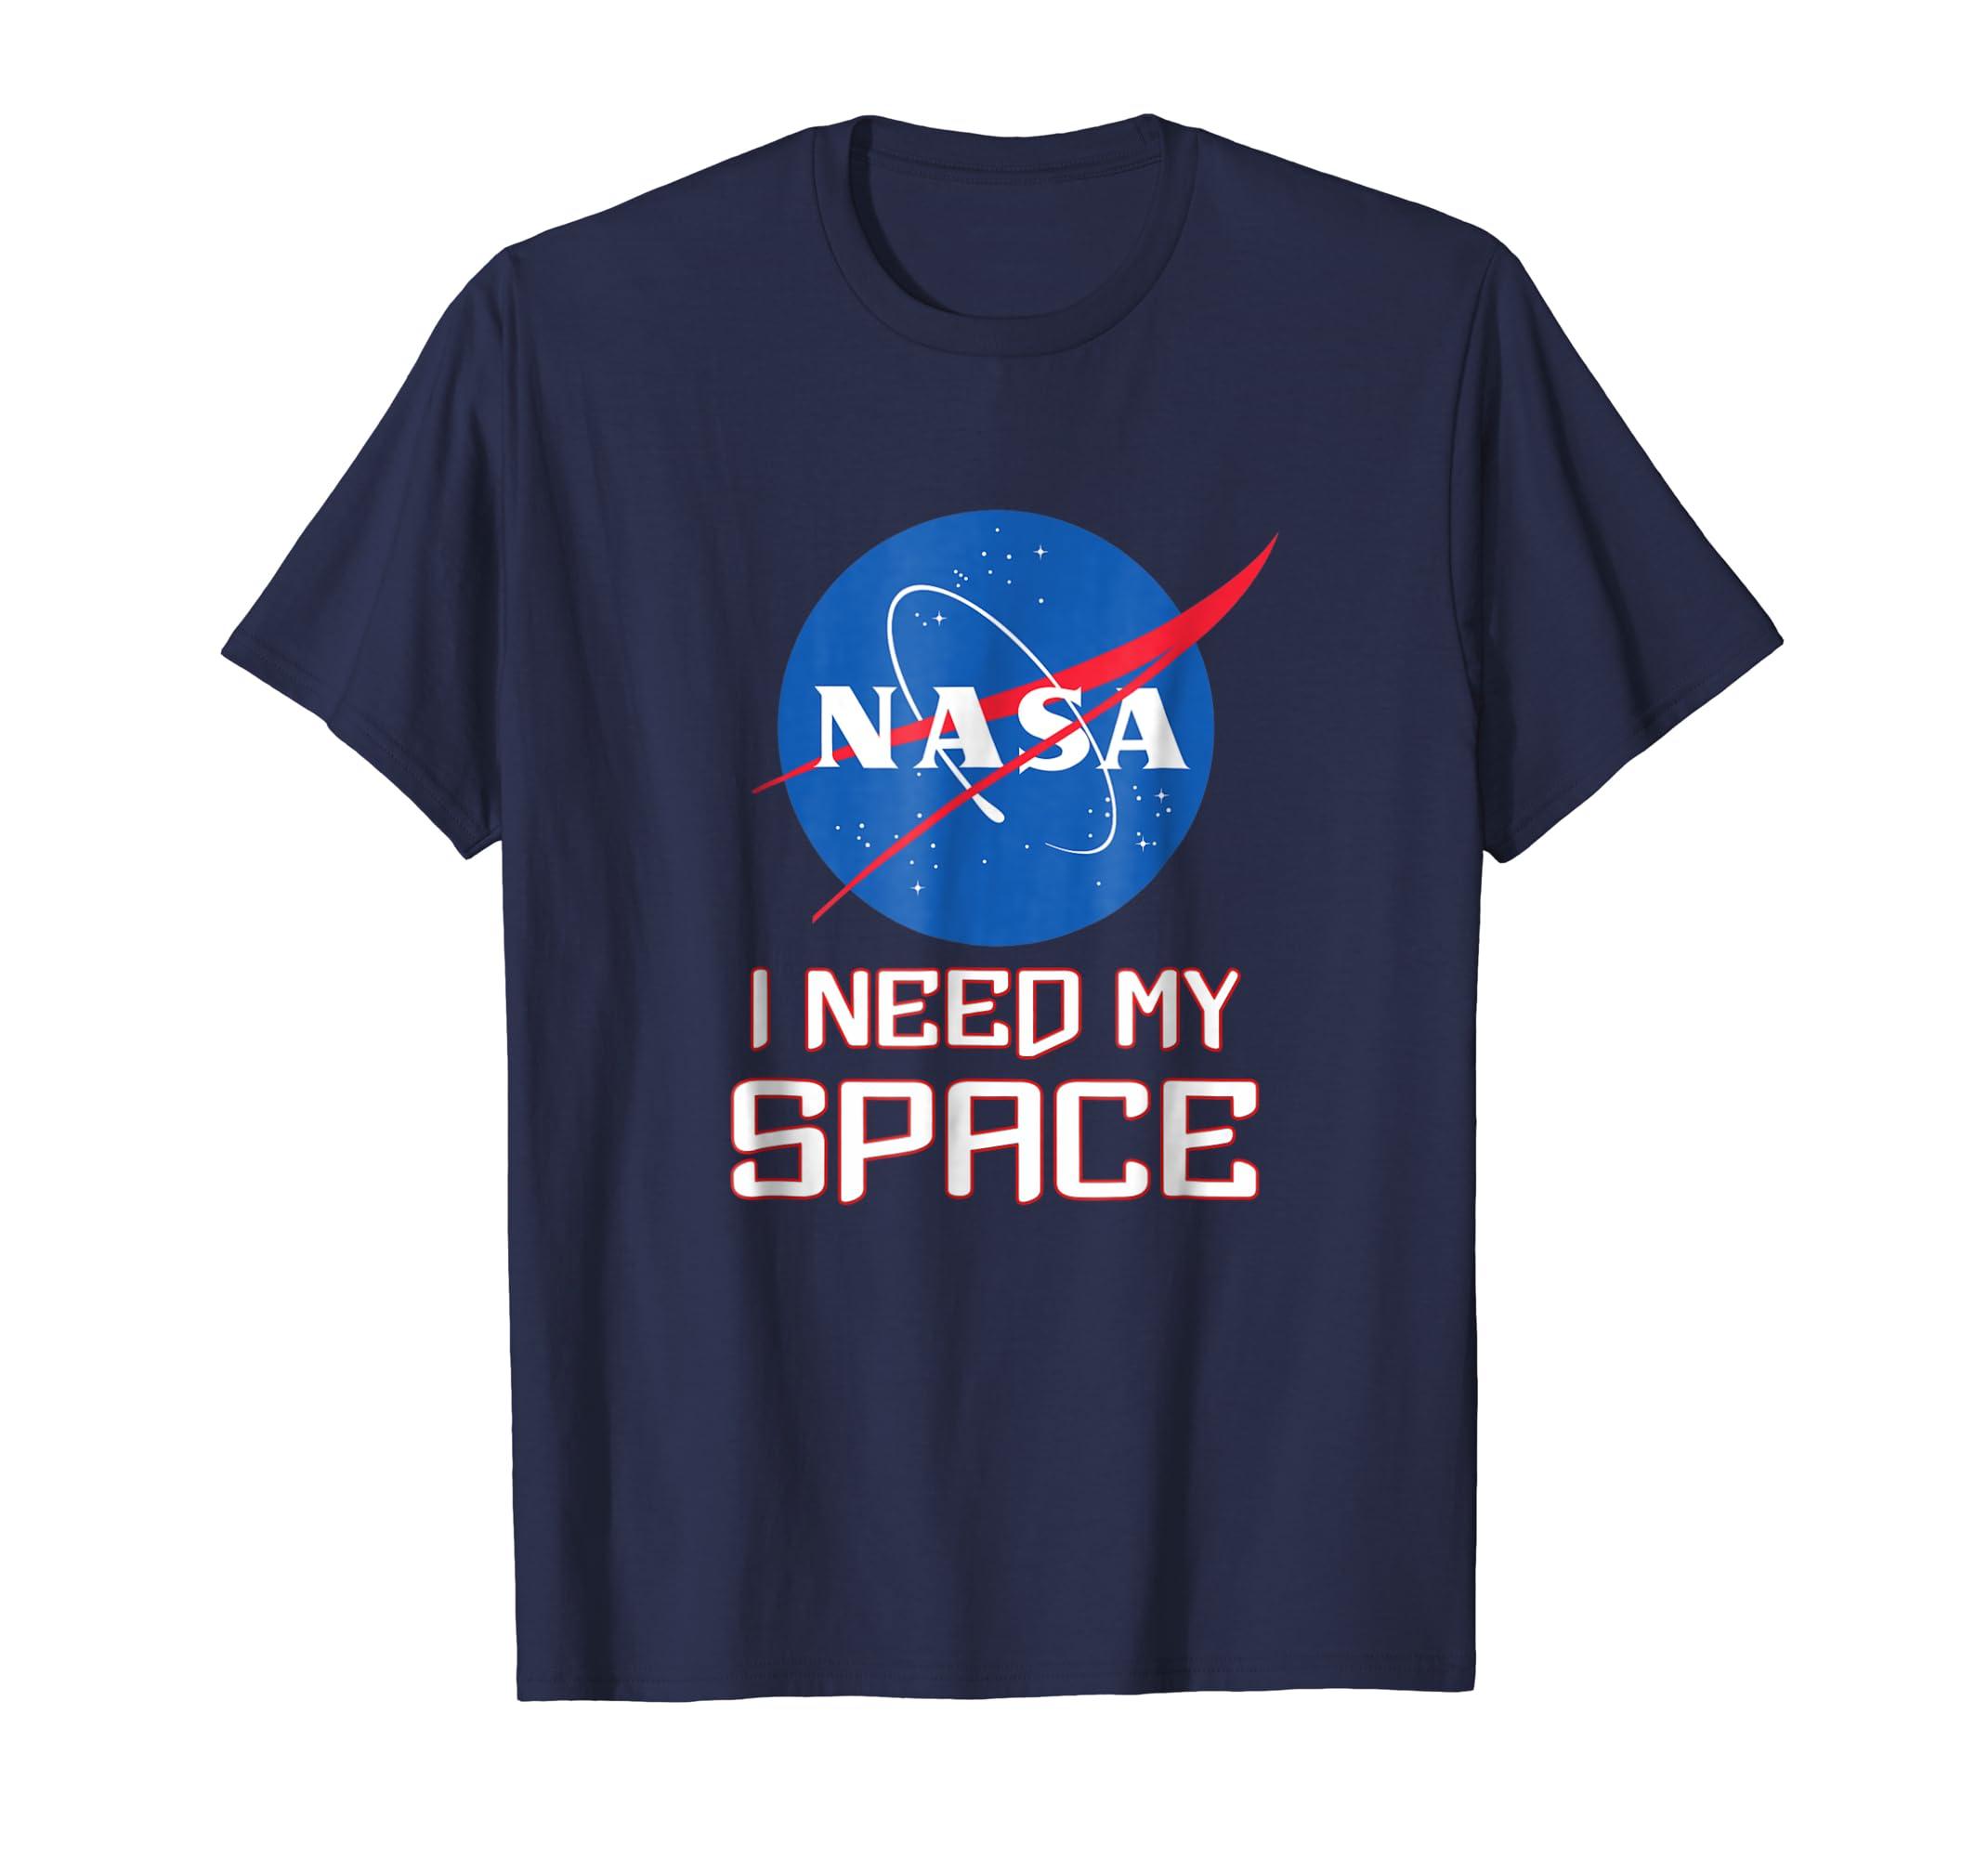 33b9d117 Amazon.com: NASA logo I need my space t-shirt: Clothing